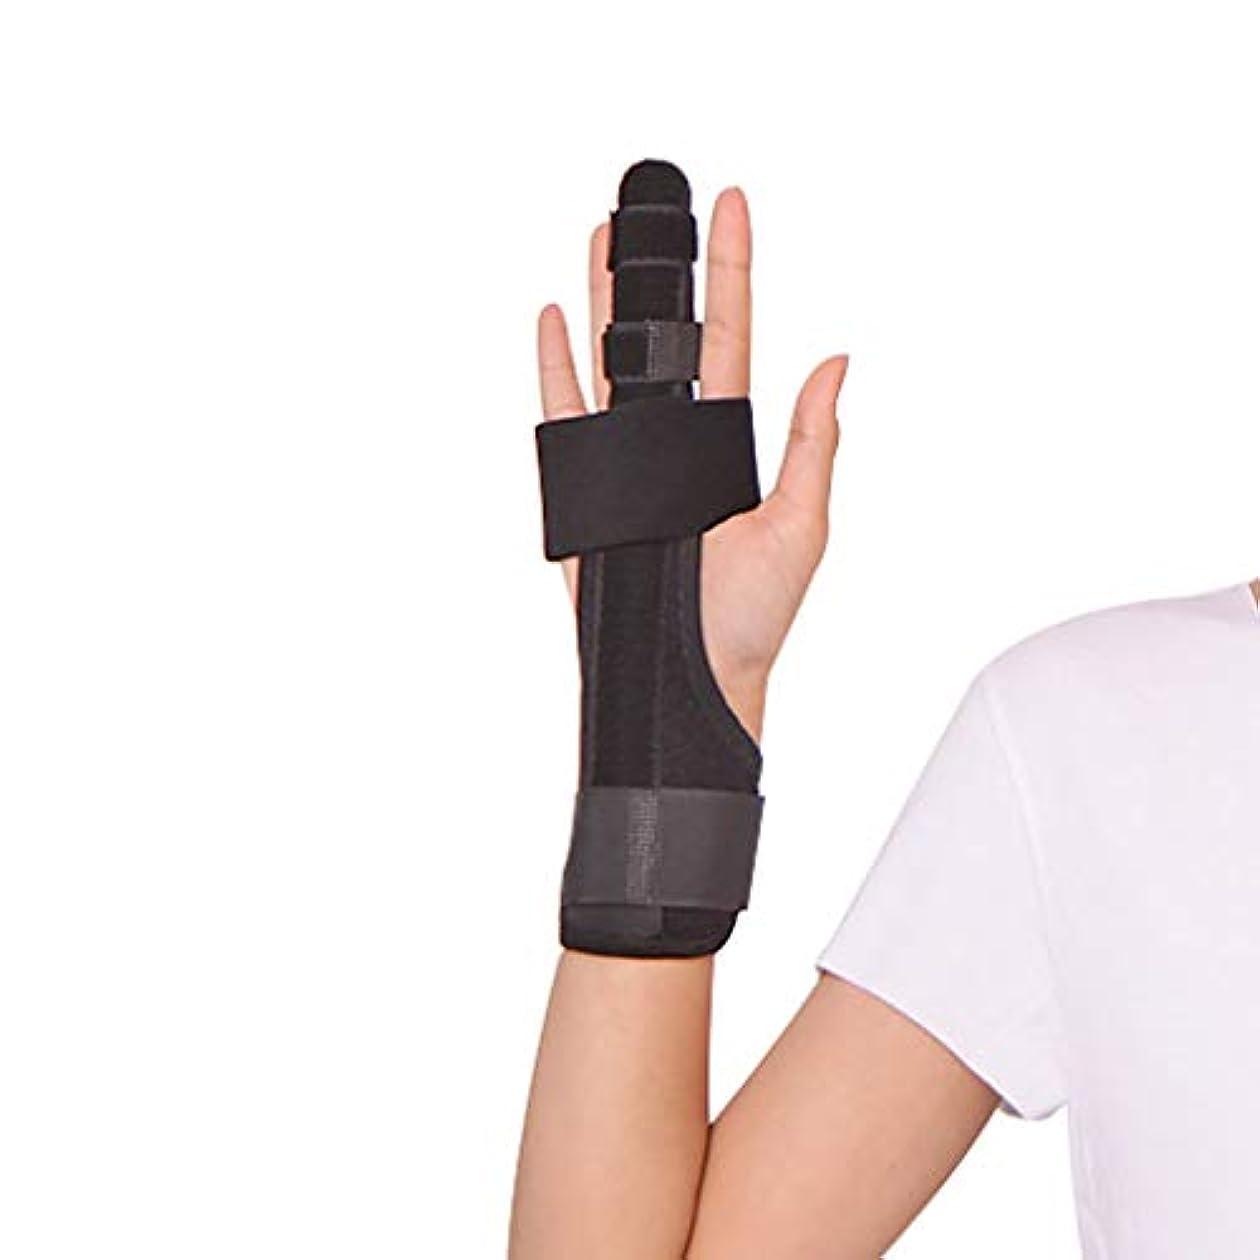 角度祝福する衝撃指の添え木中指の手首の手首のけがの回復添え木の分離器手の矯正器手根管関節の痛みの救済矯正器 - あらゆる年齢の女性,L